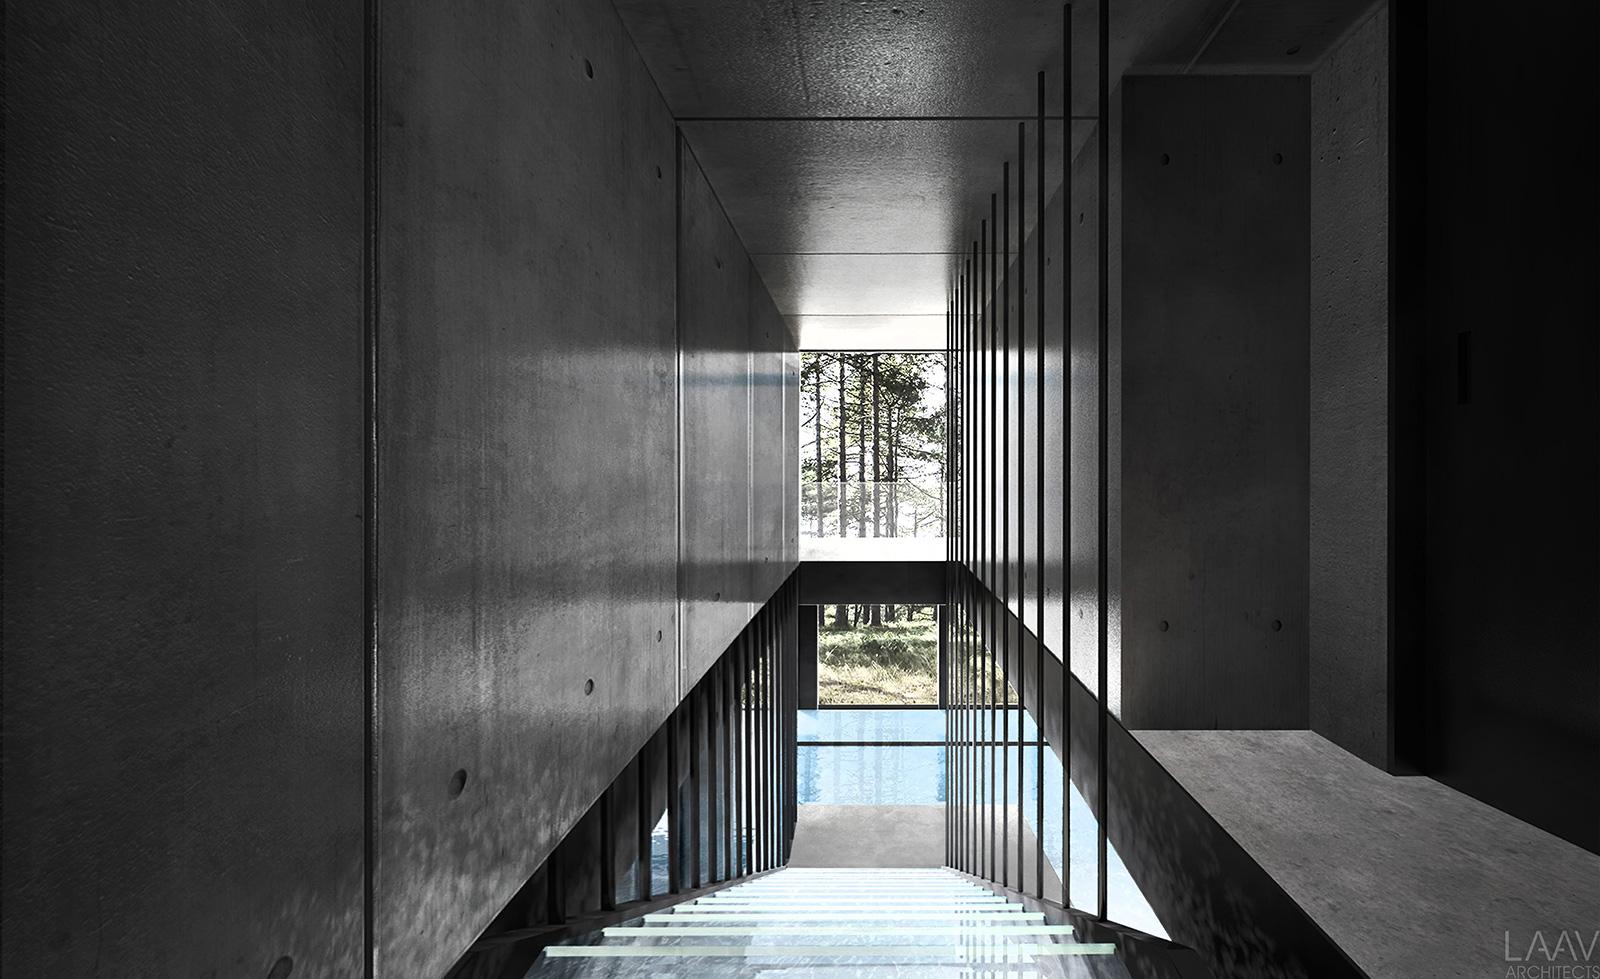 Courtesy of LAAV Architects